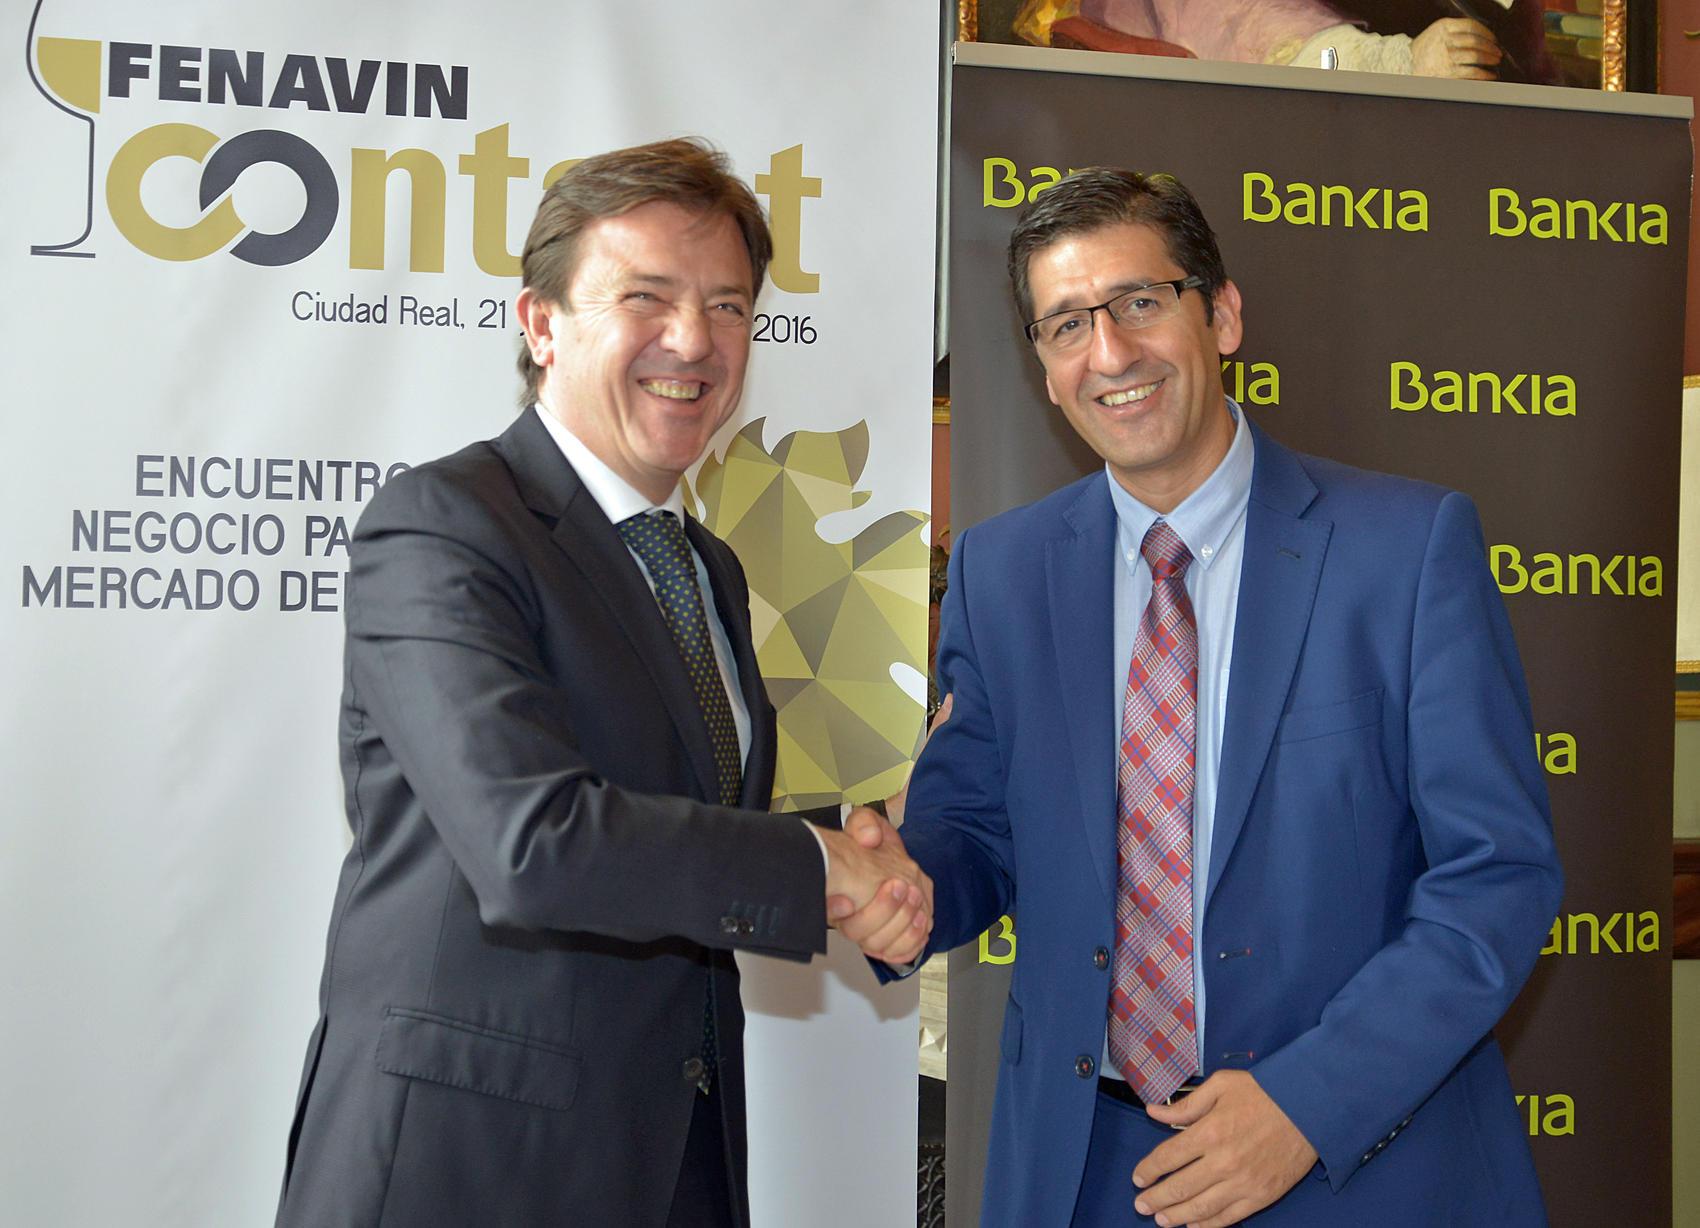 Convenio de Bankia con la Diputación para Fenavin Contact